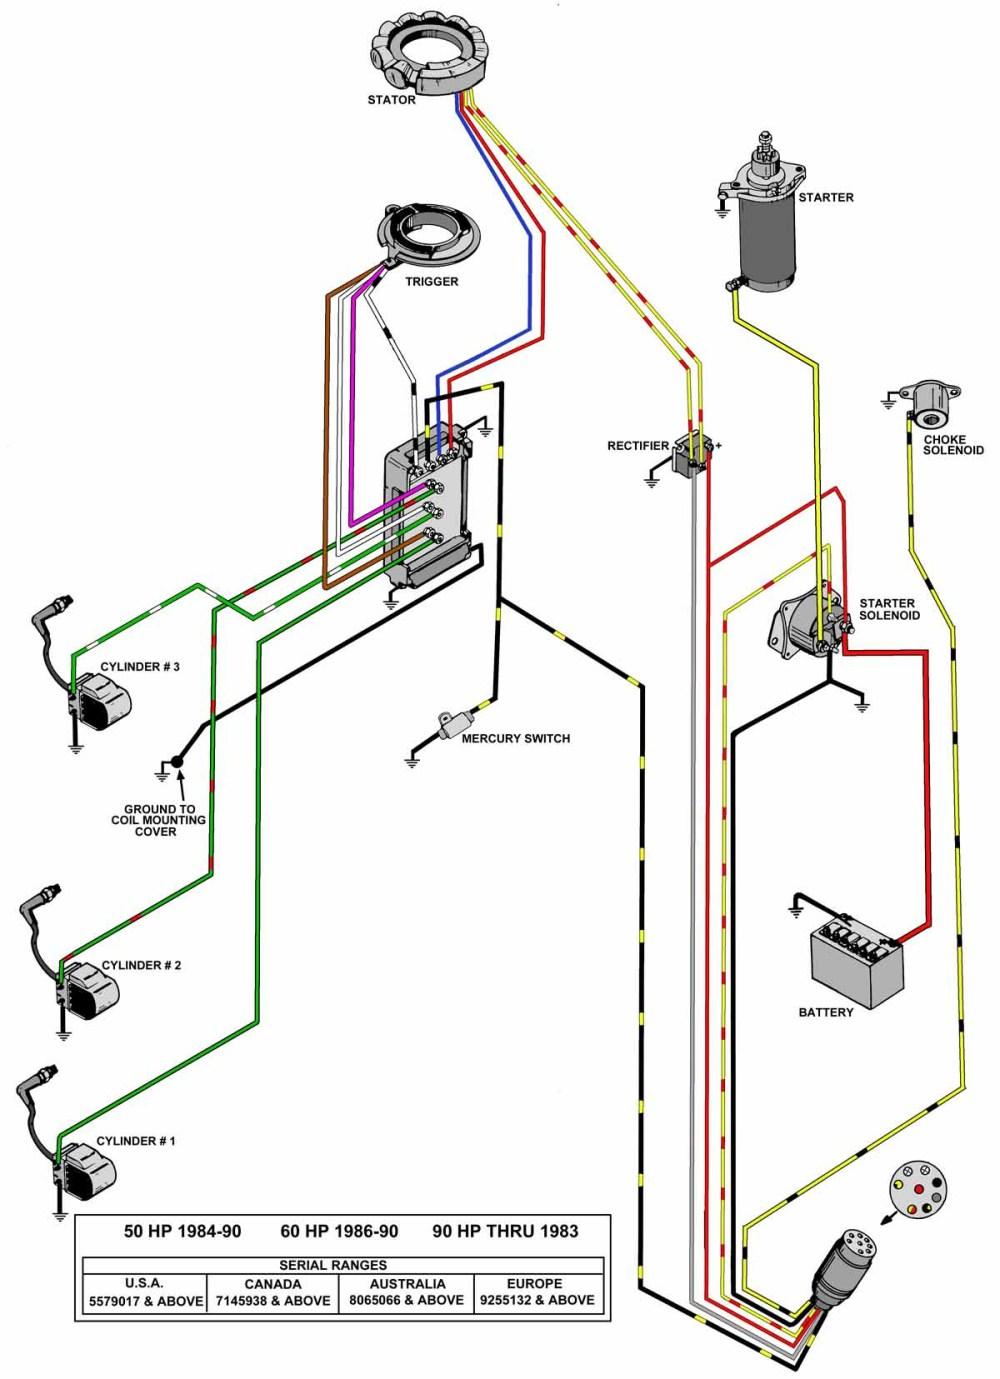 medium resolution of suzuki outboard wiring diagram house wiring diagram symbols u2022 tcm wiring diagram 2008 suzuki dt